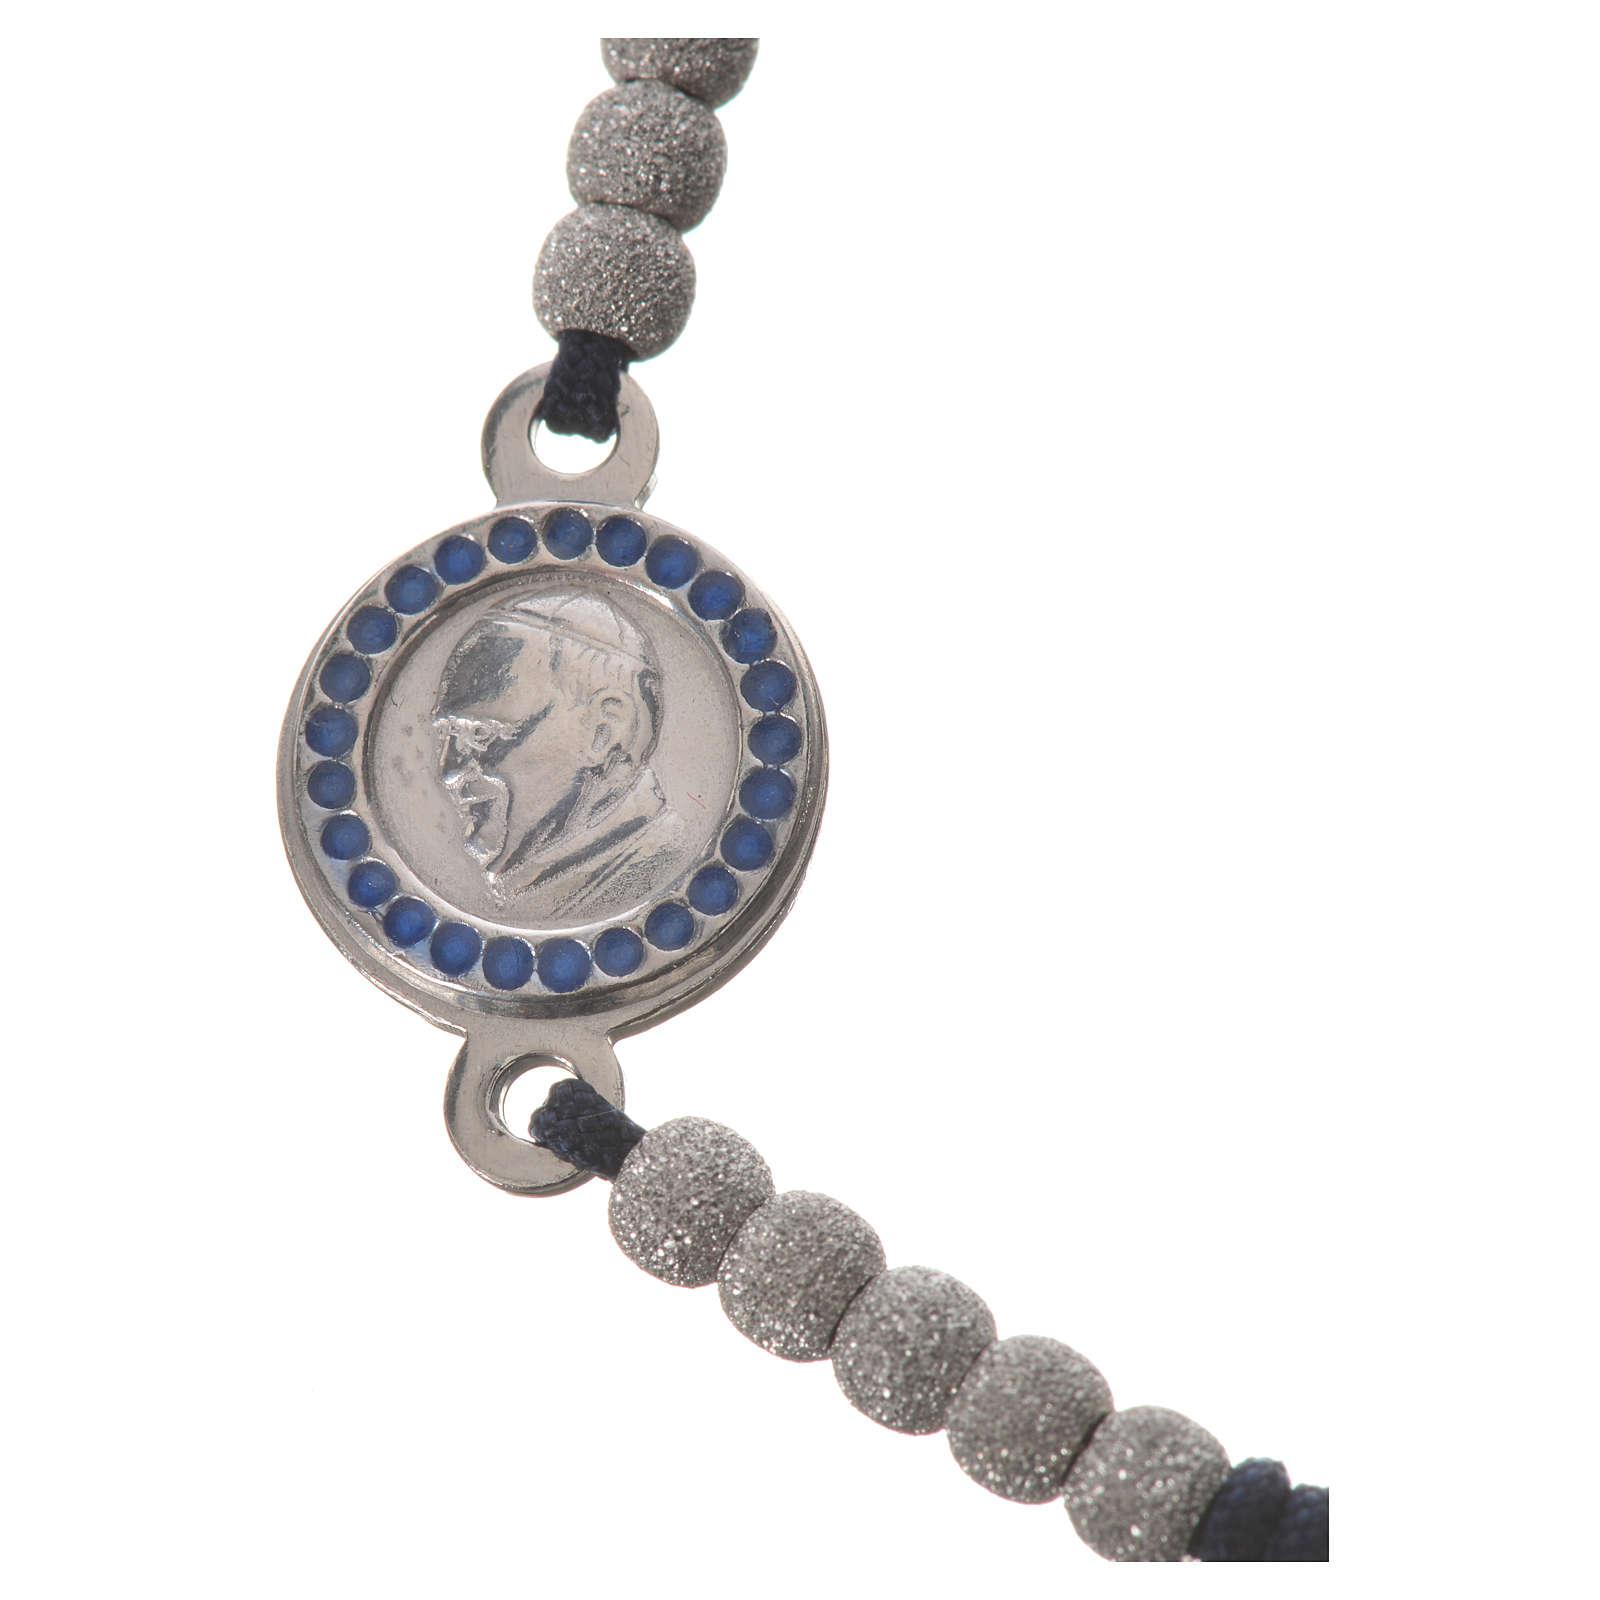 Armband mit schwarzem Seil und Medaille Silber 800 Papst Franziskus 4